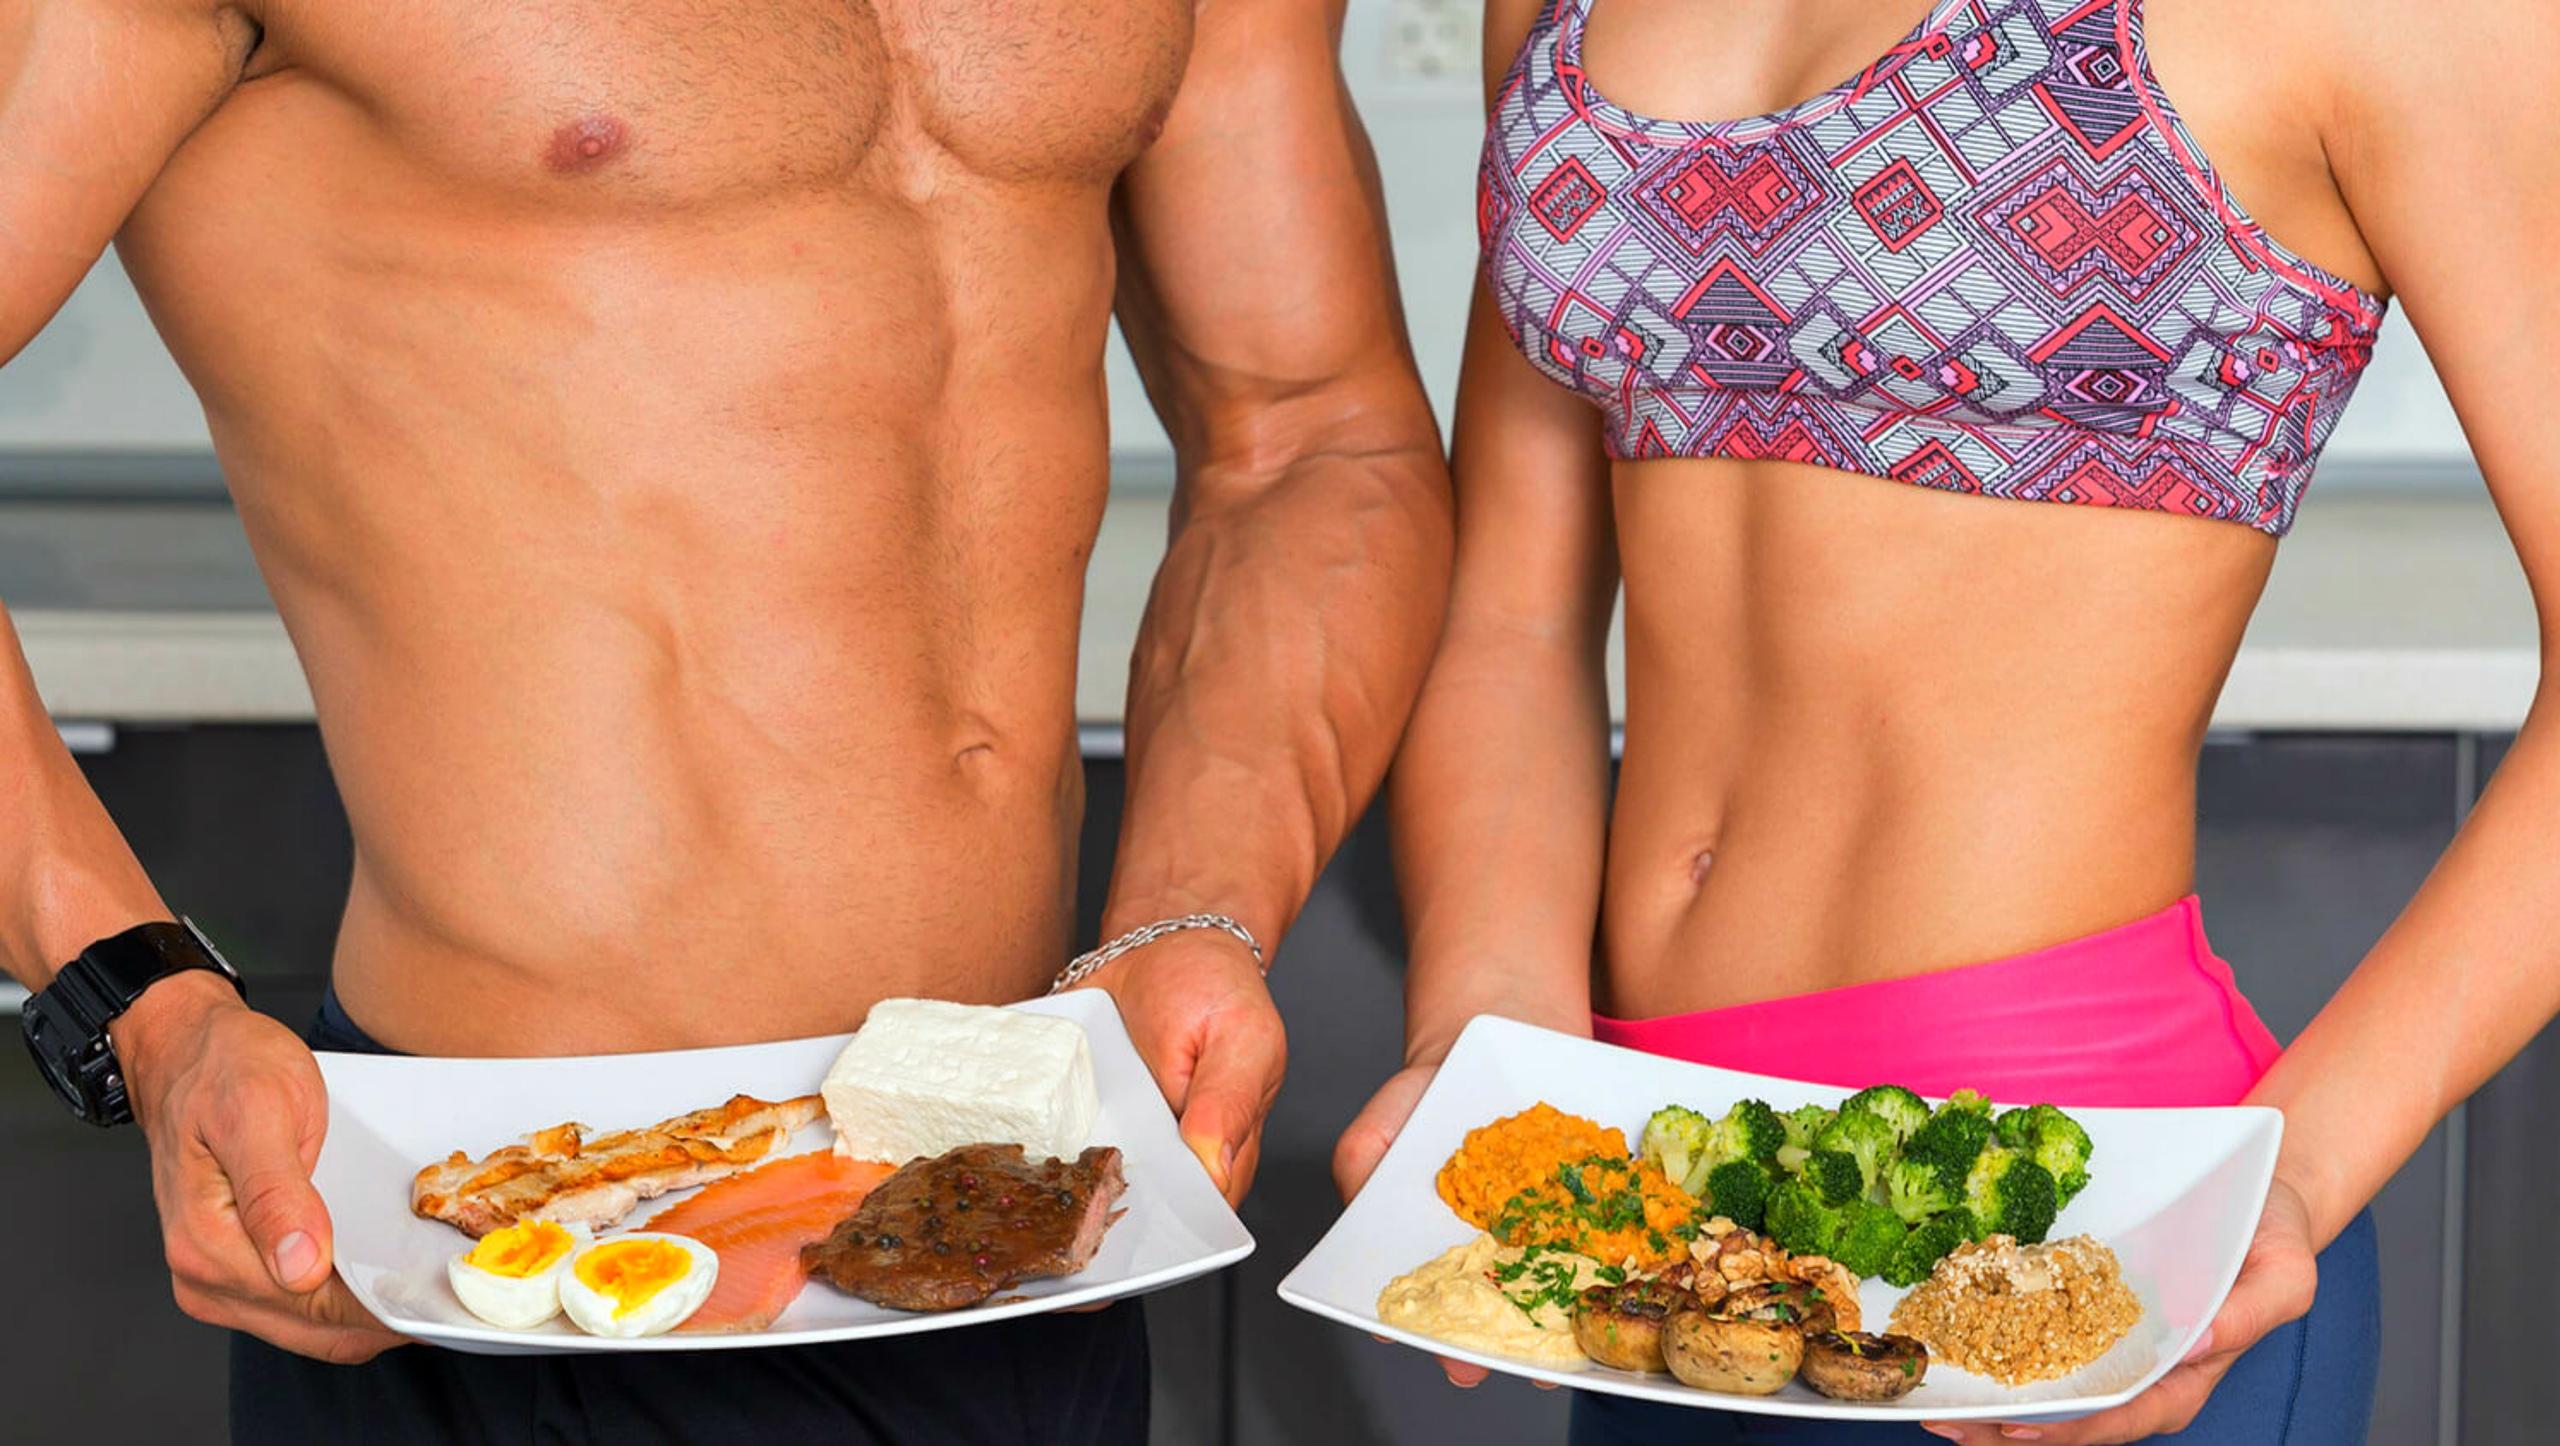 Питание Для Того Чтобы Сжечь Жиры Мужчине. Диета для мужчин — меню правильного питания для похудения на 7 дней